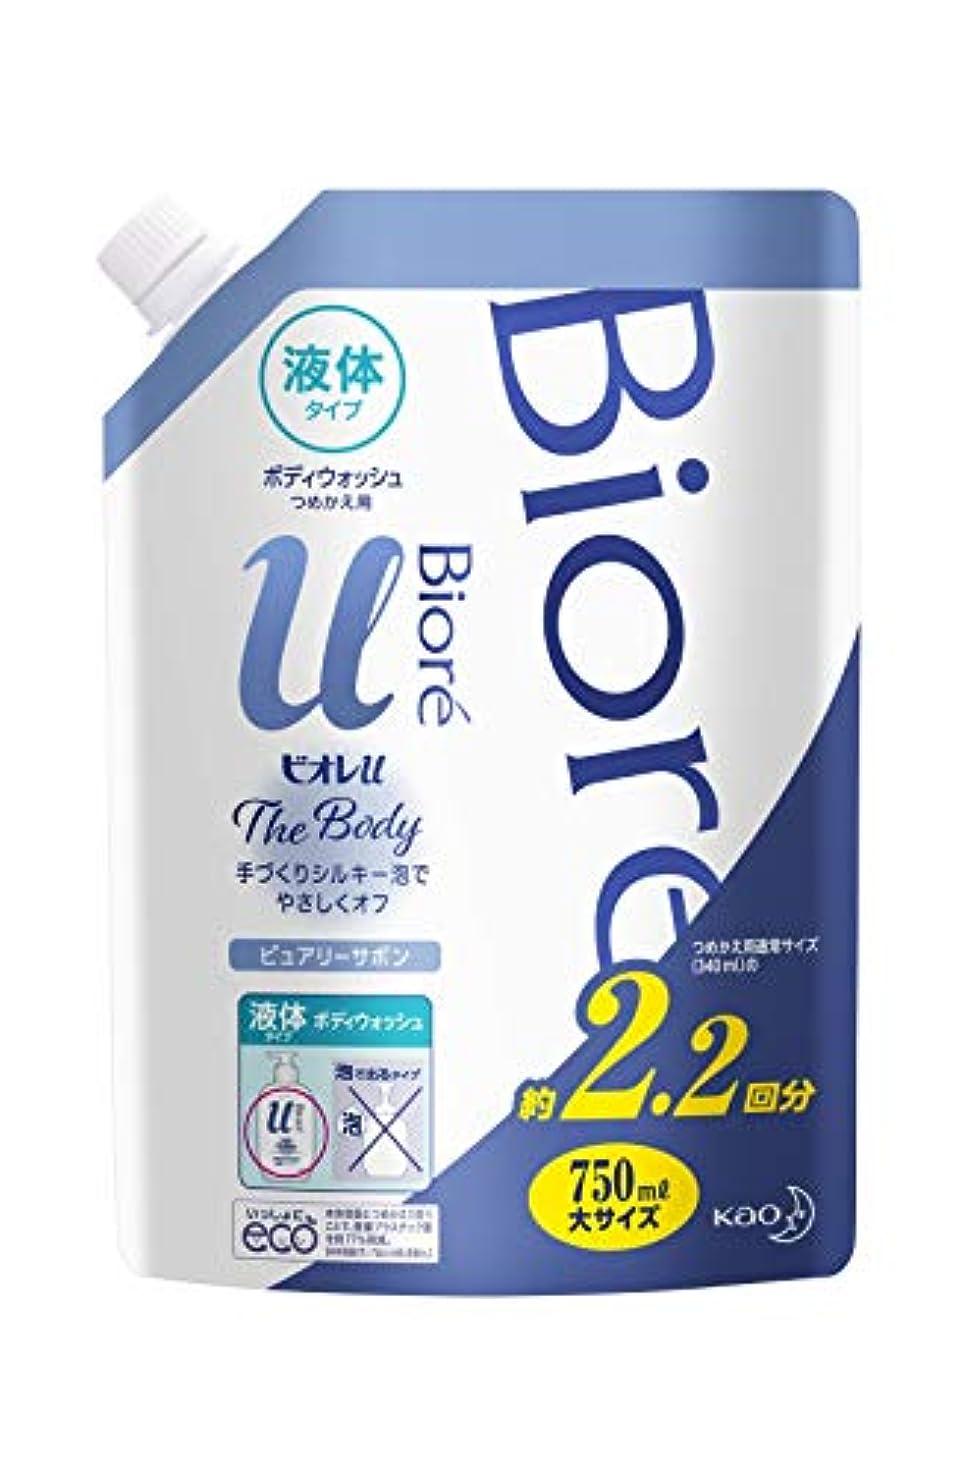 コンパニオンに勝る拾う【大容量】 ビオレu ザ ボディ 〔 The Body 〕 液体タイプ ピュアリーサボンの香り つめかえ用 750ml 「高潤滑処方の手づくりシルキー泡」